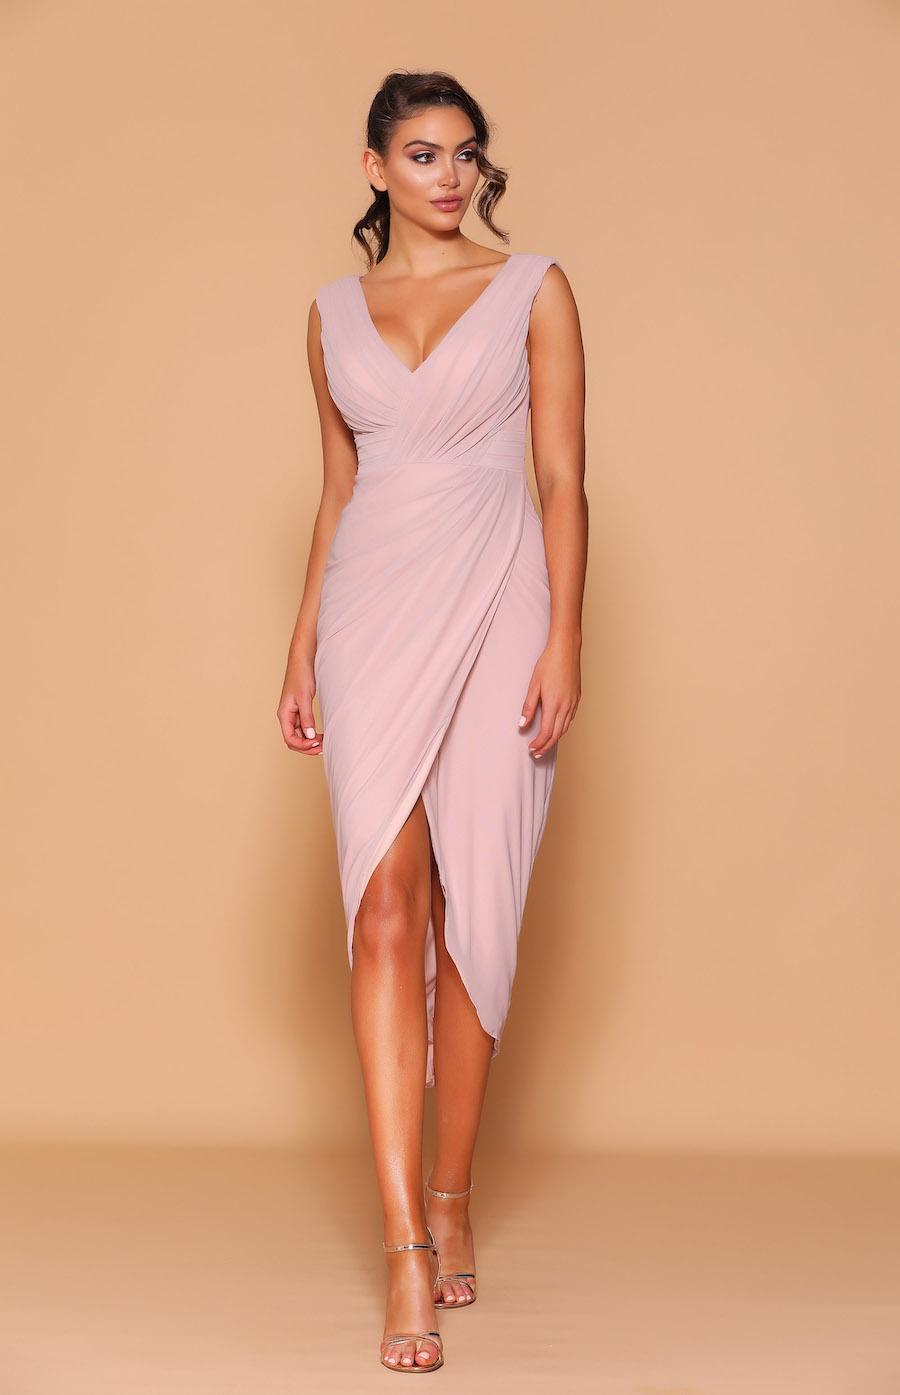 V-neck tea length ruched cocktail dress